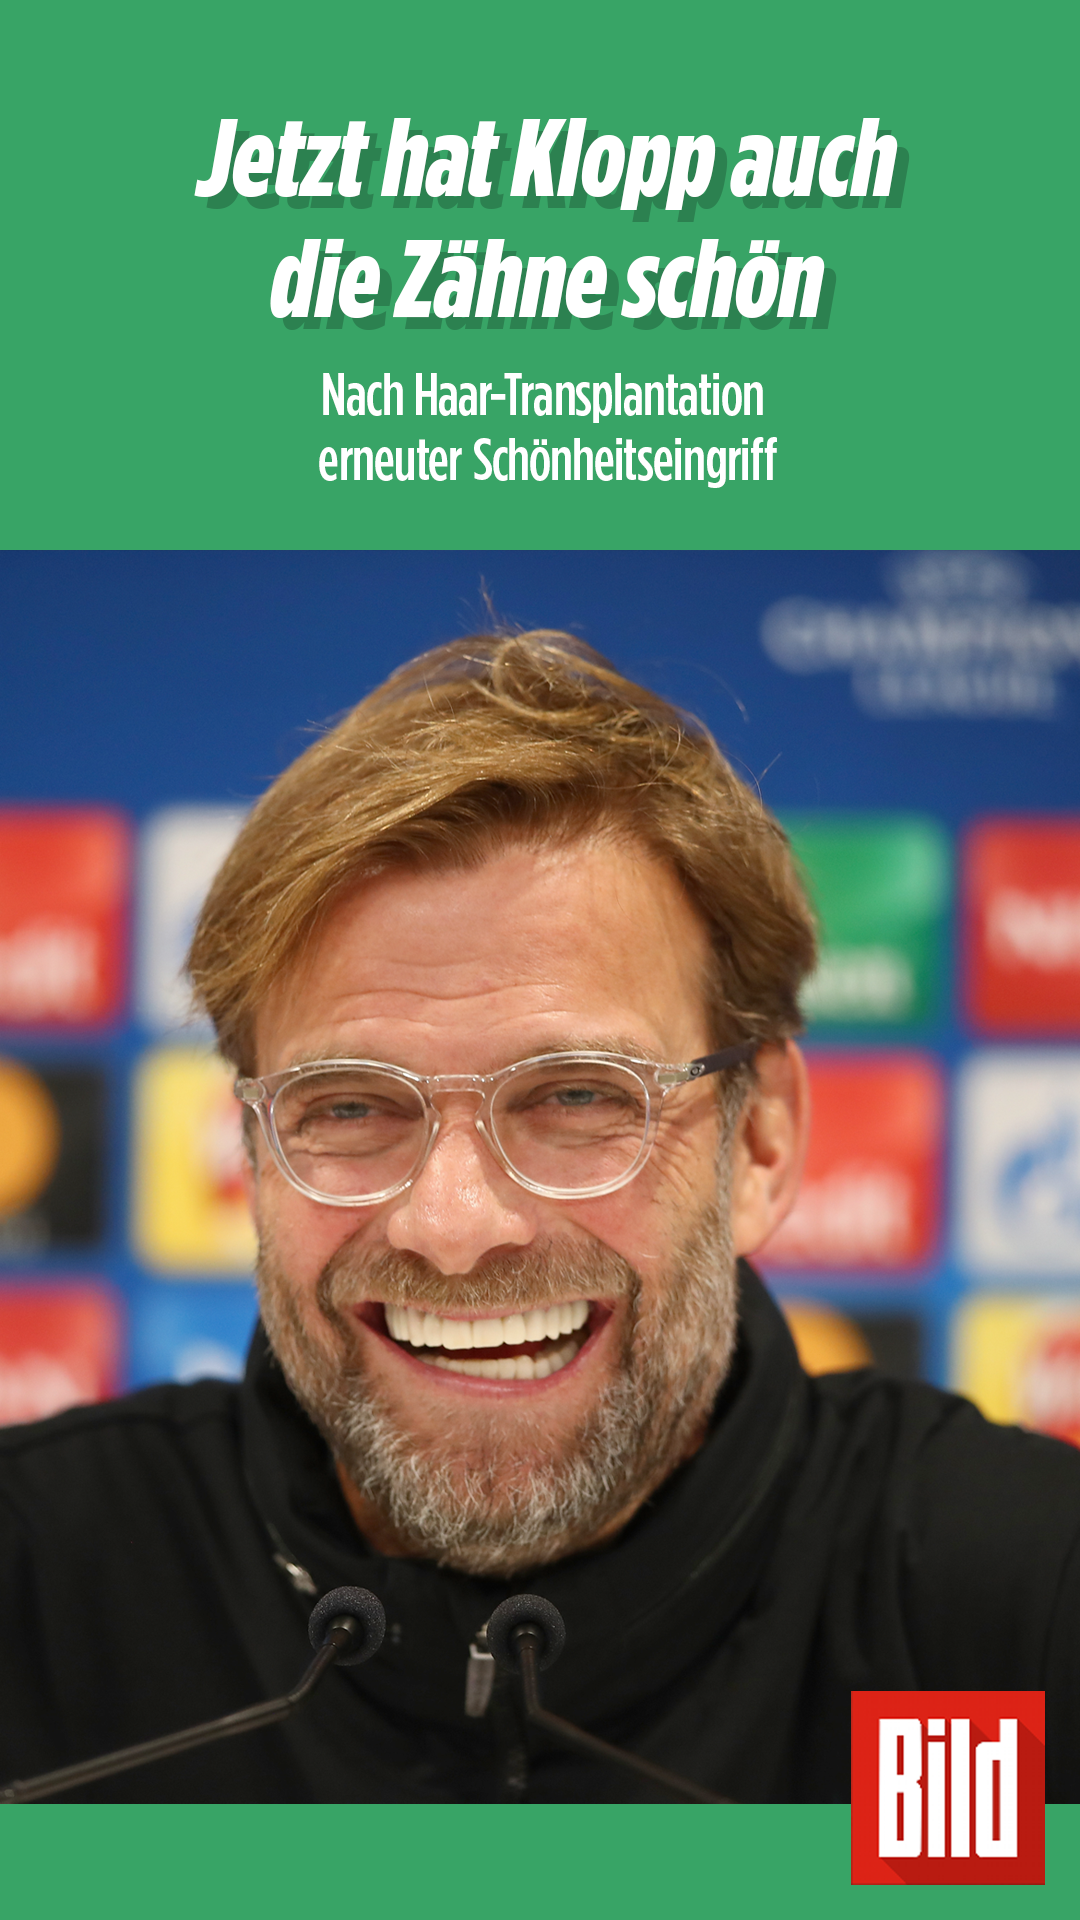 Jurgen Klopp Liverpool Trainer Hat Sich Zahne Machen Lassen Juergen Klopp Liverpool Zahne